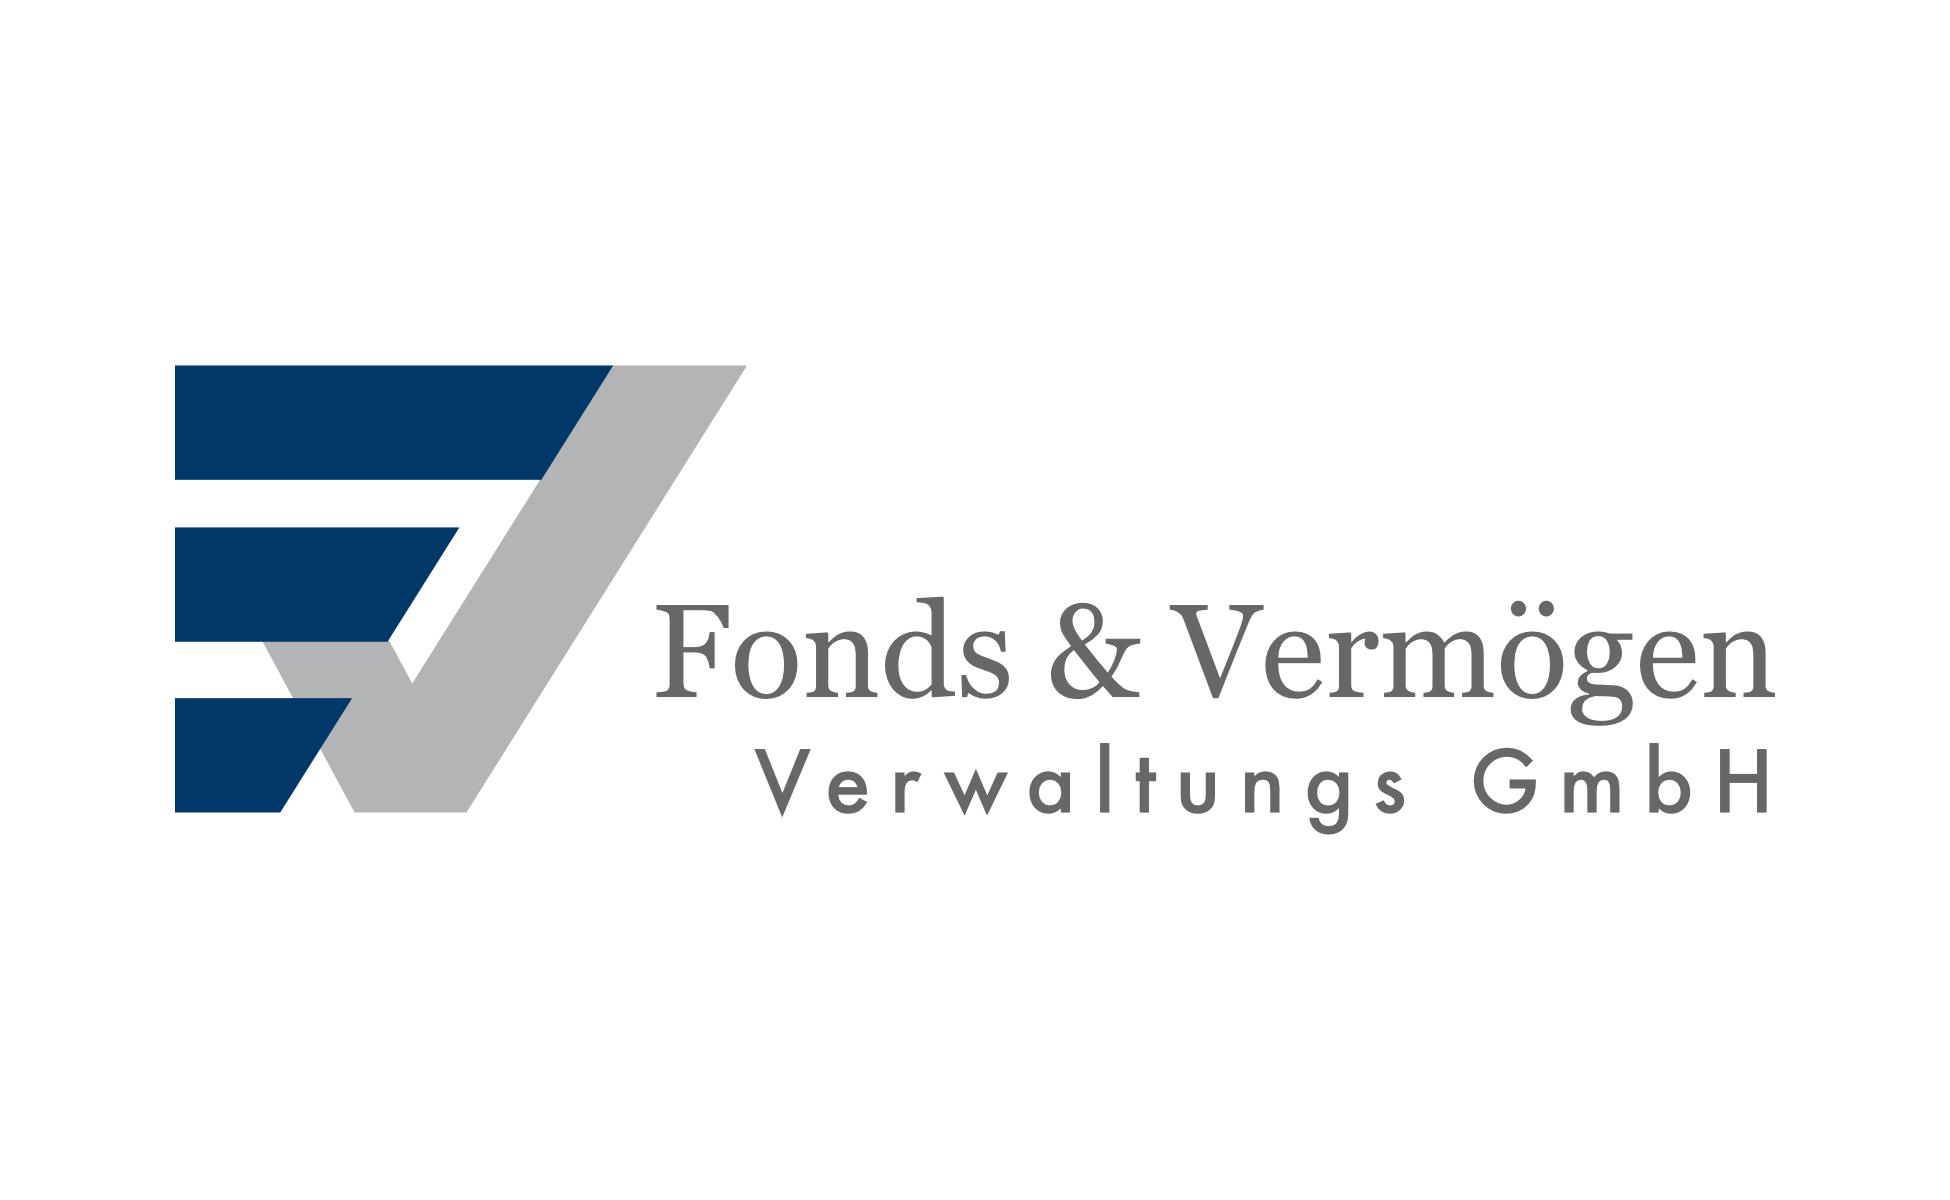 Fonds & Vermögen Verwaltungs GmbH